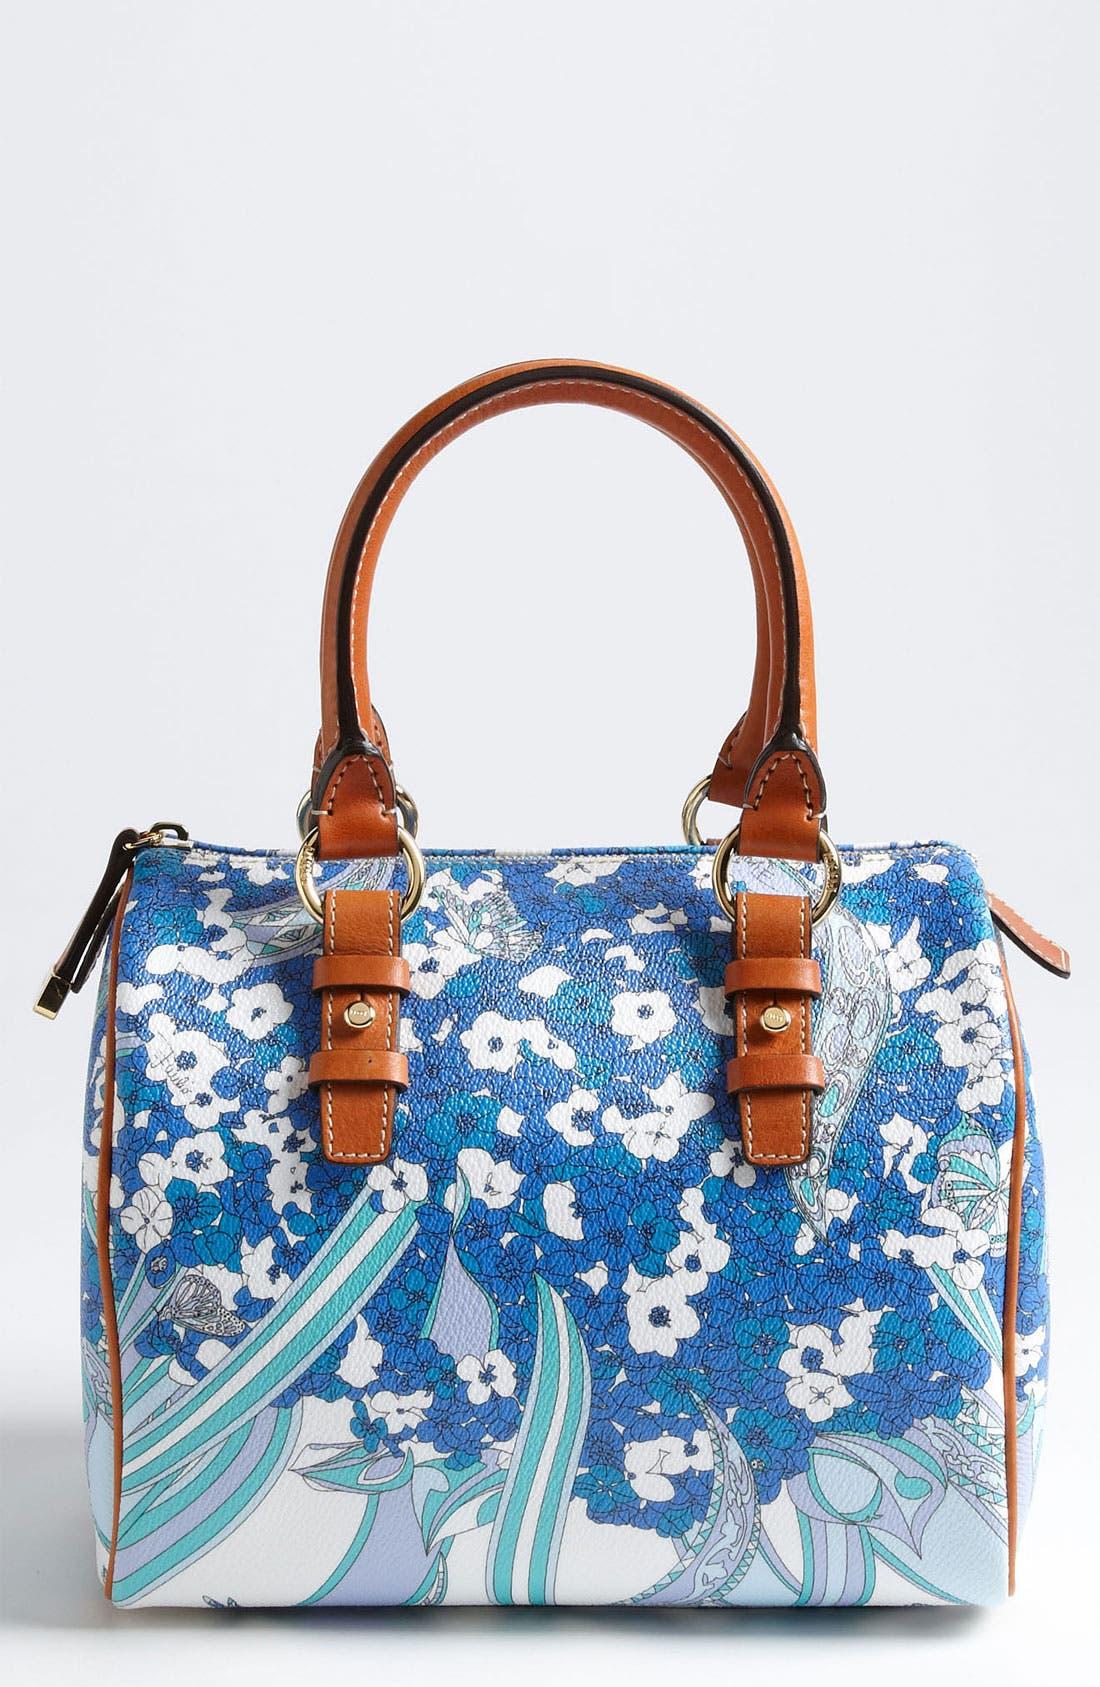 Main Image - Emilio Pucci 'Small' Boston Bag